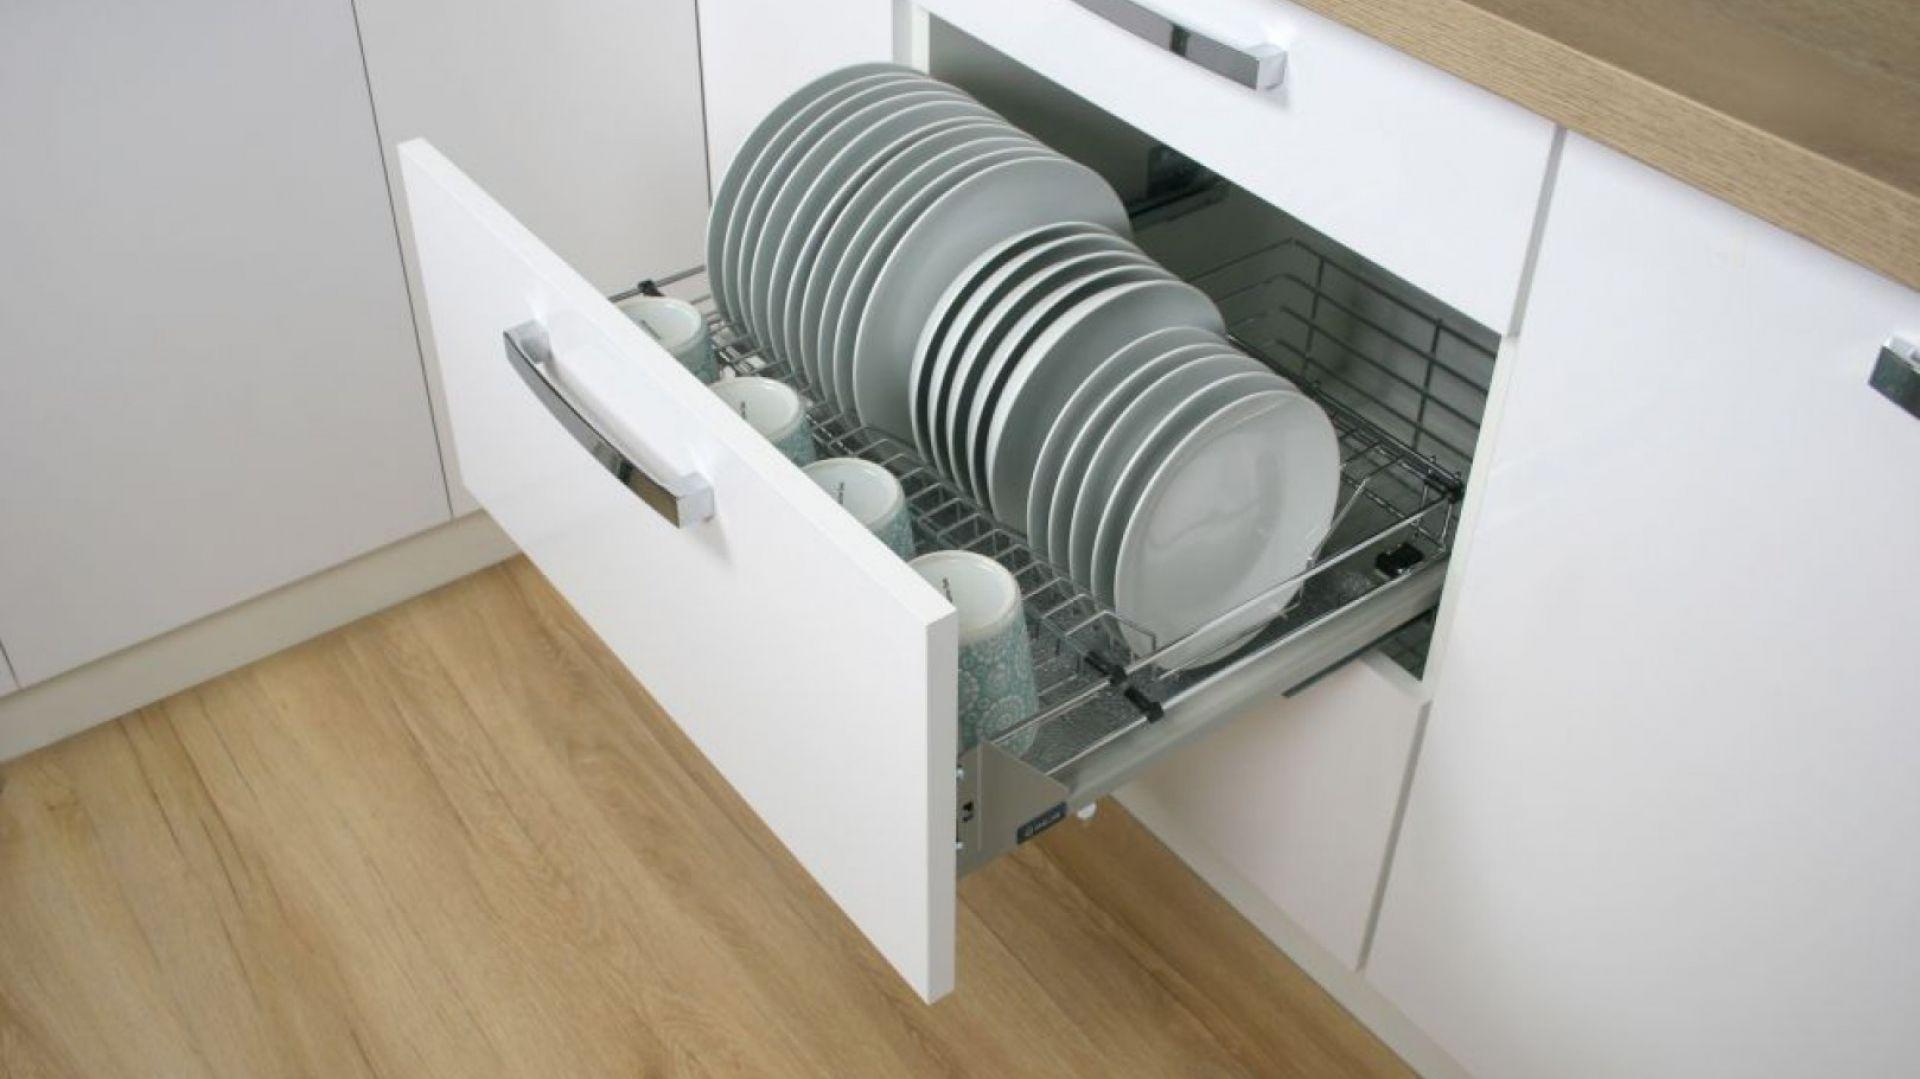 187f223271cbf9 Przechowywanie w kuchni - 15 pomysłów na szuflady